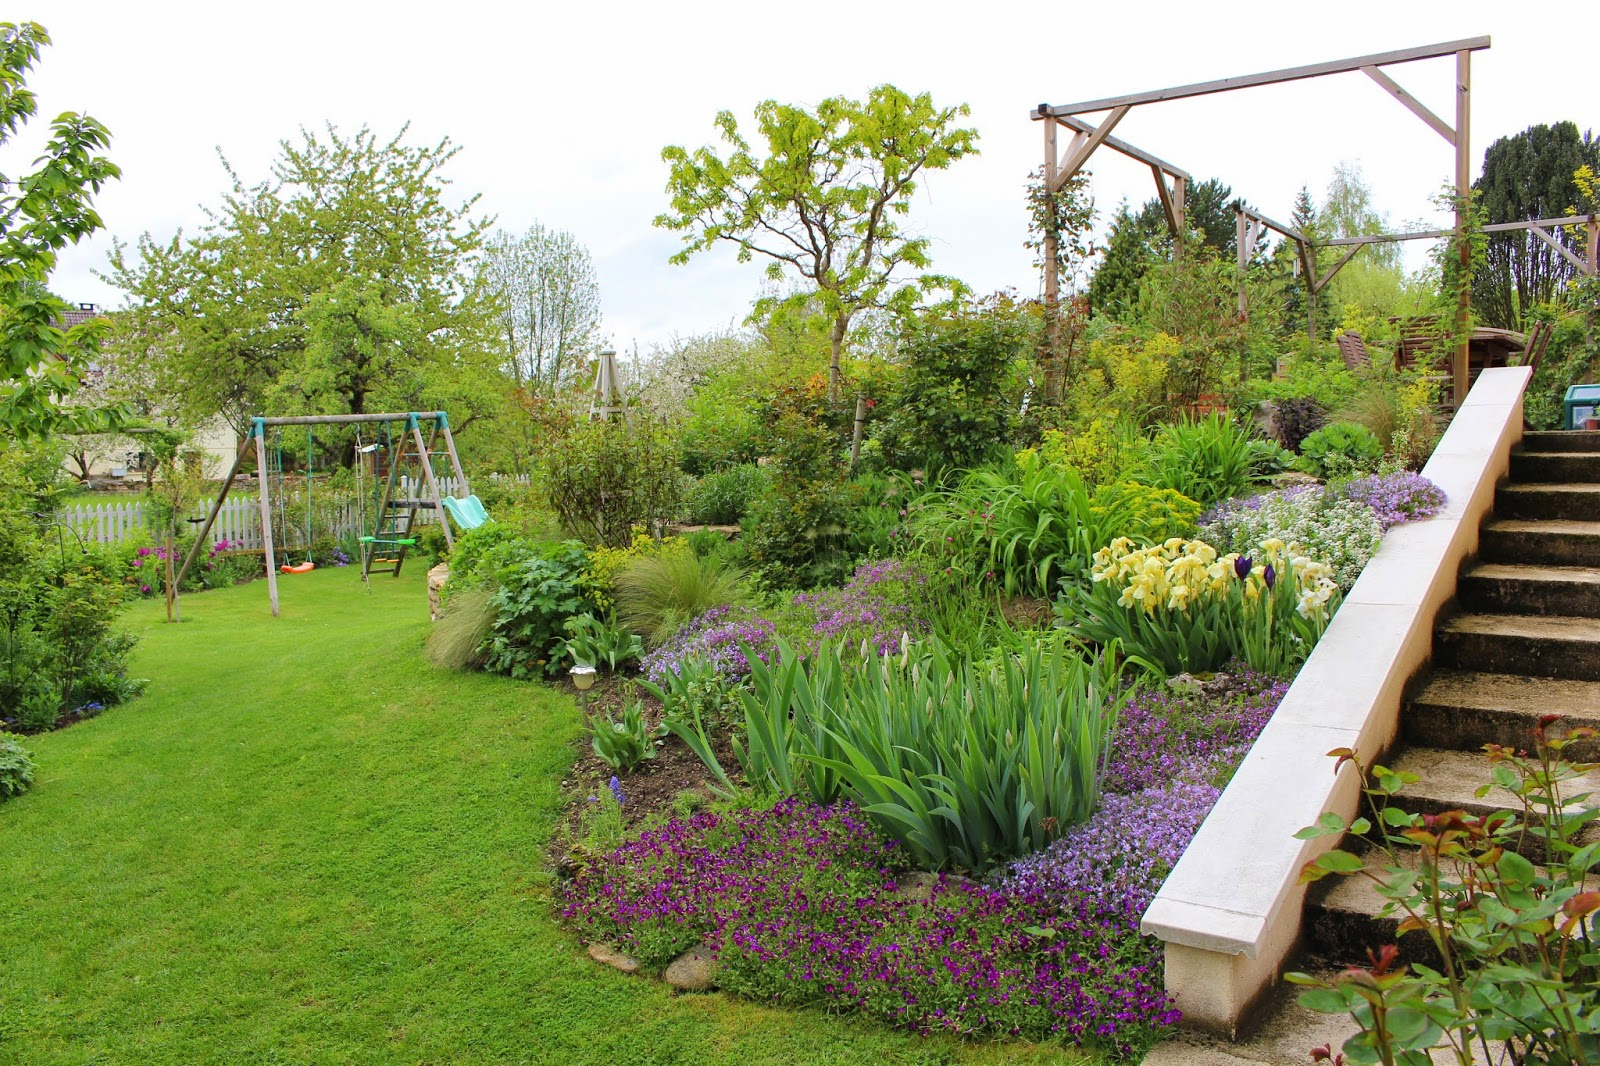 Notre jardin secret toute la pluie tombe sur moi for Jardin secret wine